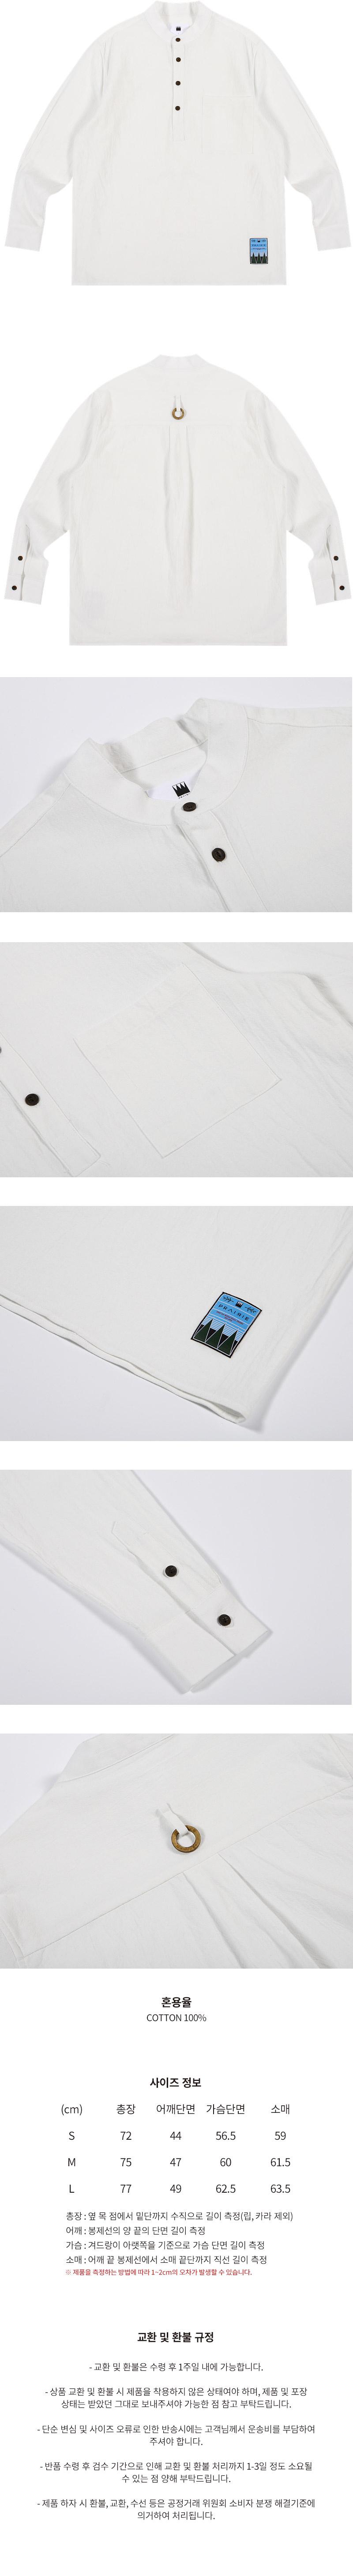 프레리(PRAIRIE) [UNISEX] 베이직 헨리넥 셔츠 ( WHITE)